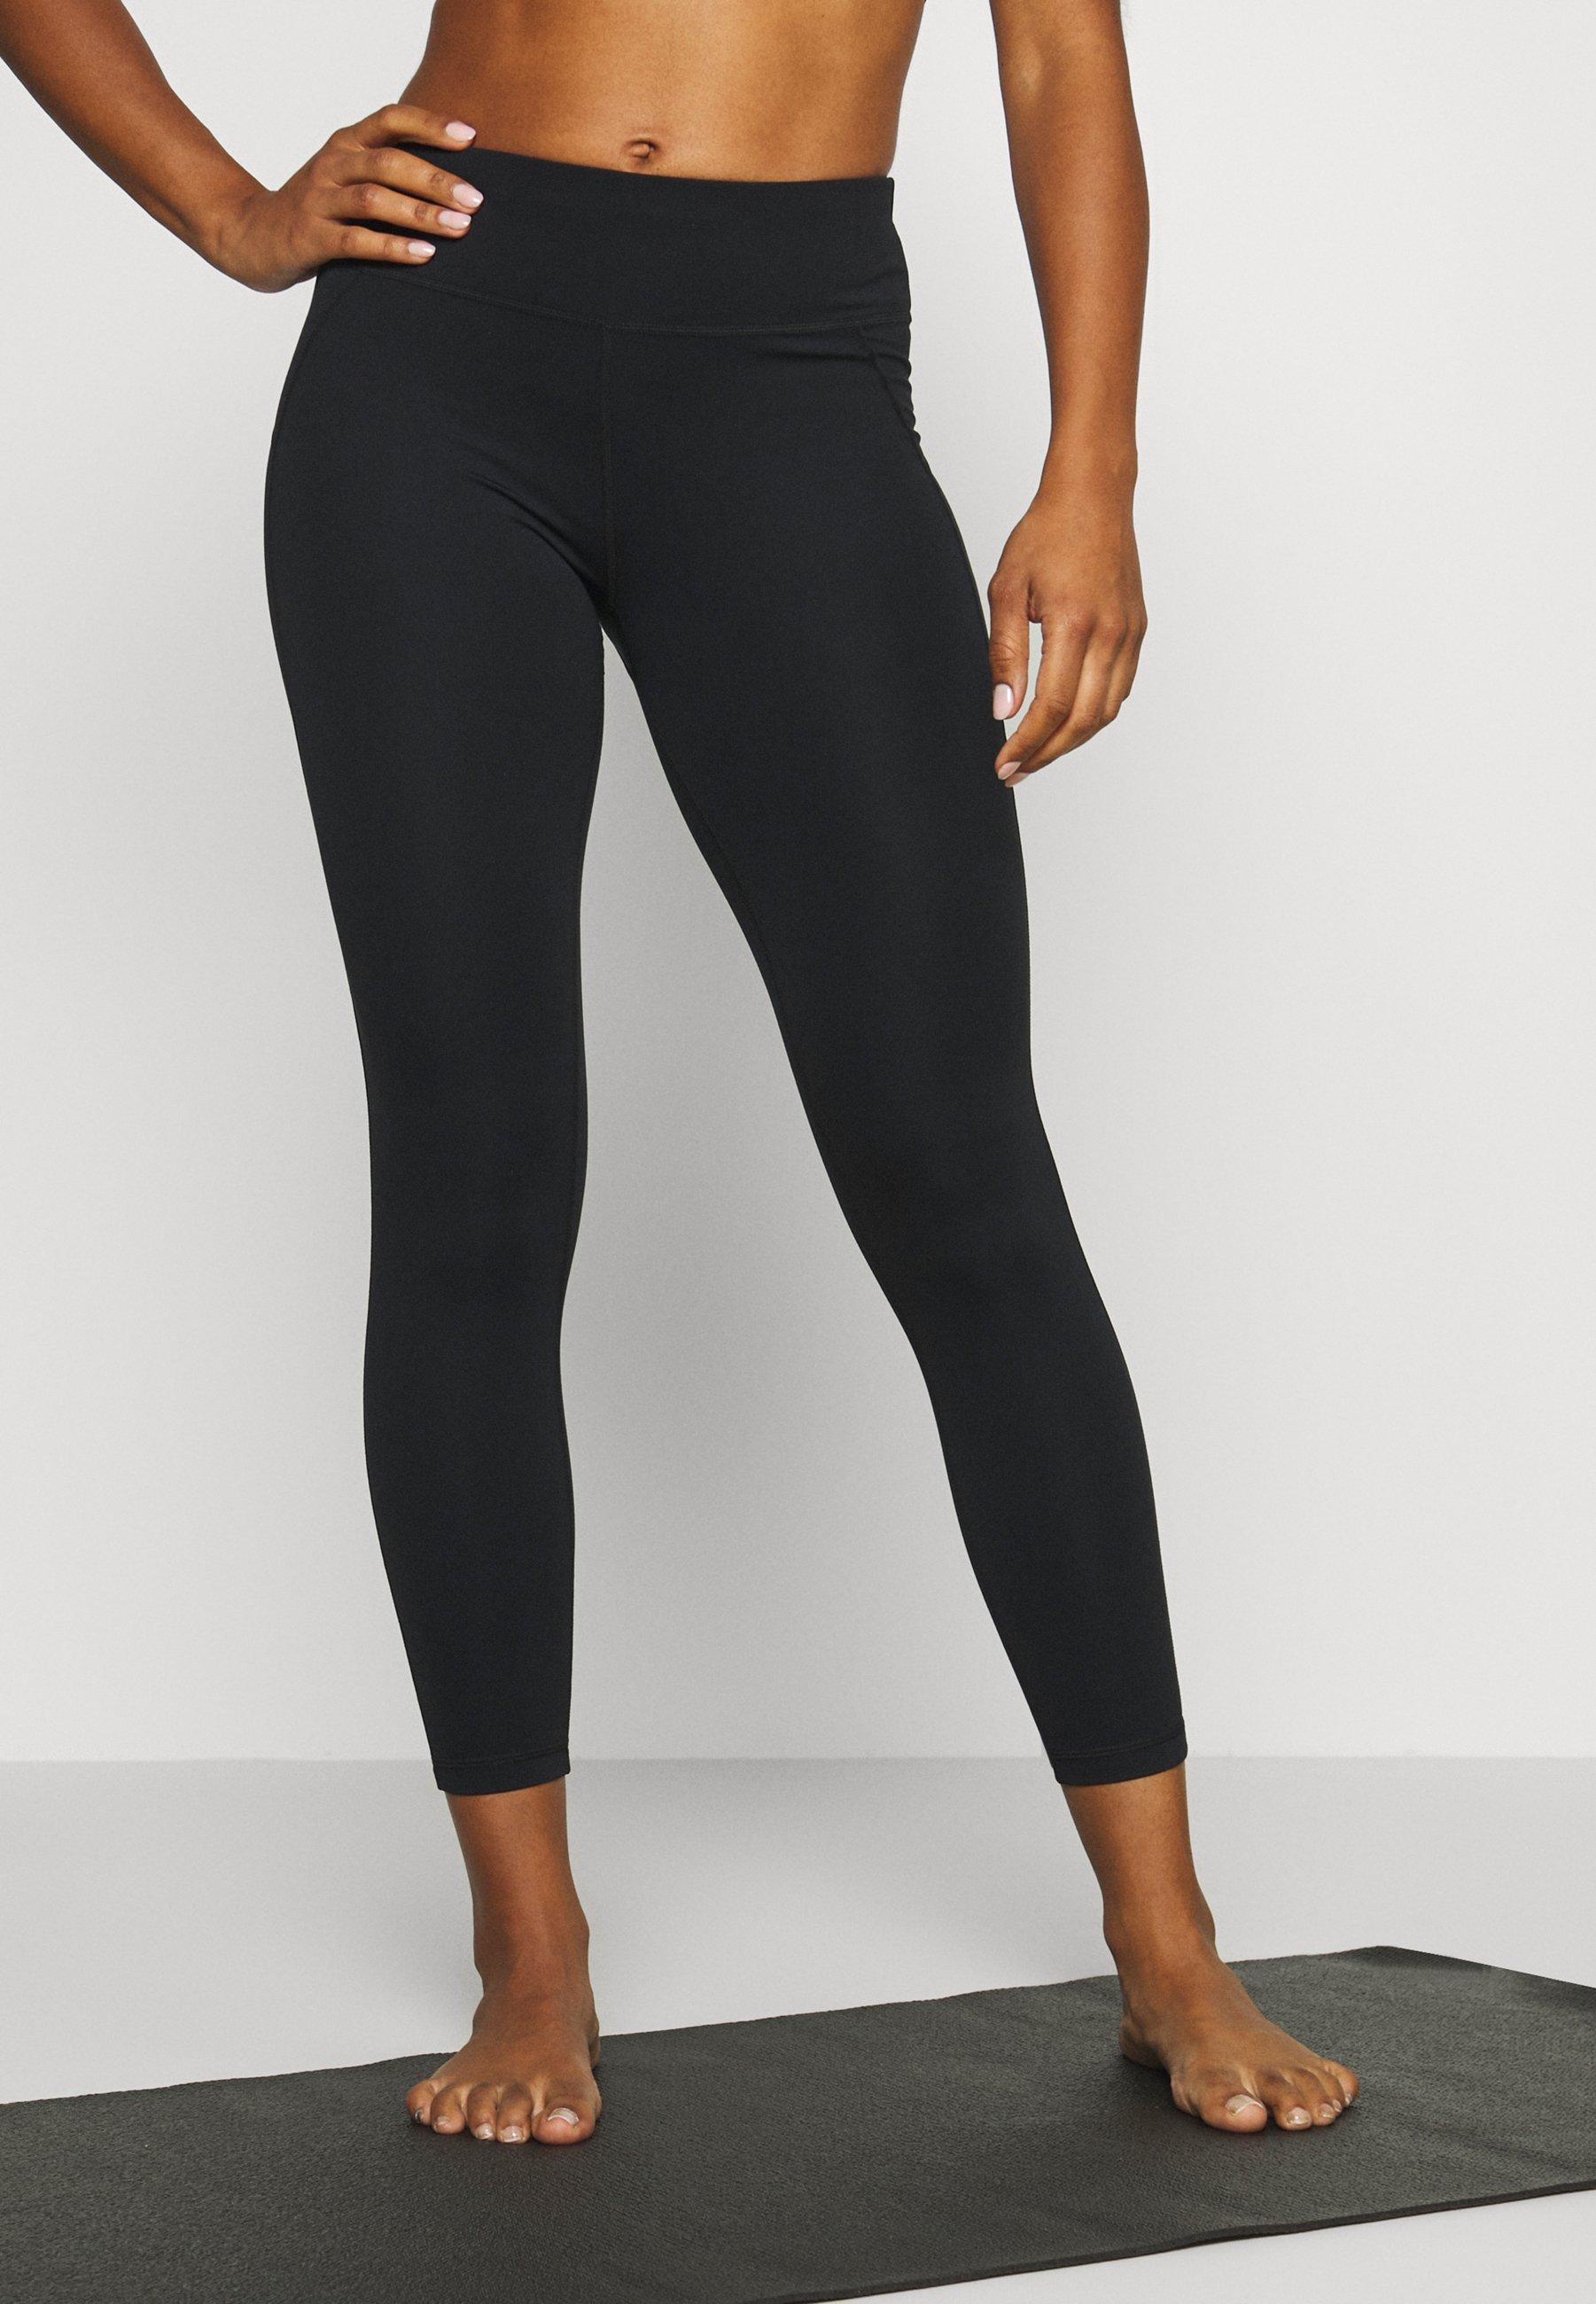 Femme CONTOUR WORKOUT LEGGINGS - Collants